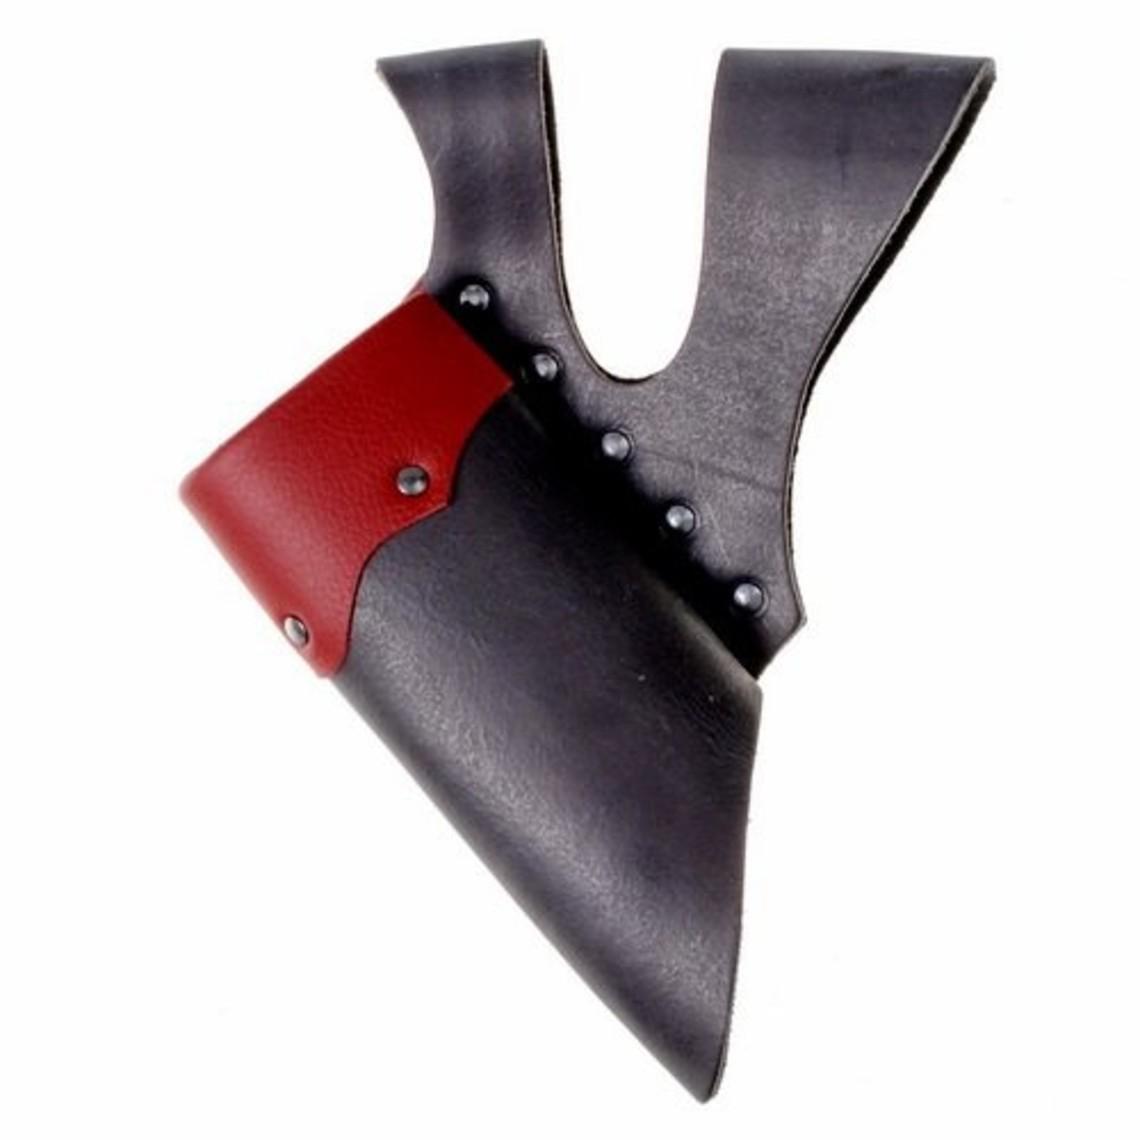 Lederhalter mit Doppelschlaufe für LARP Schwerter, rot-schwarz